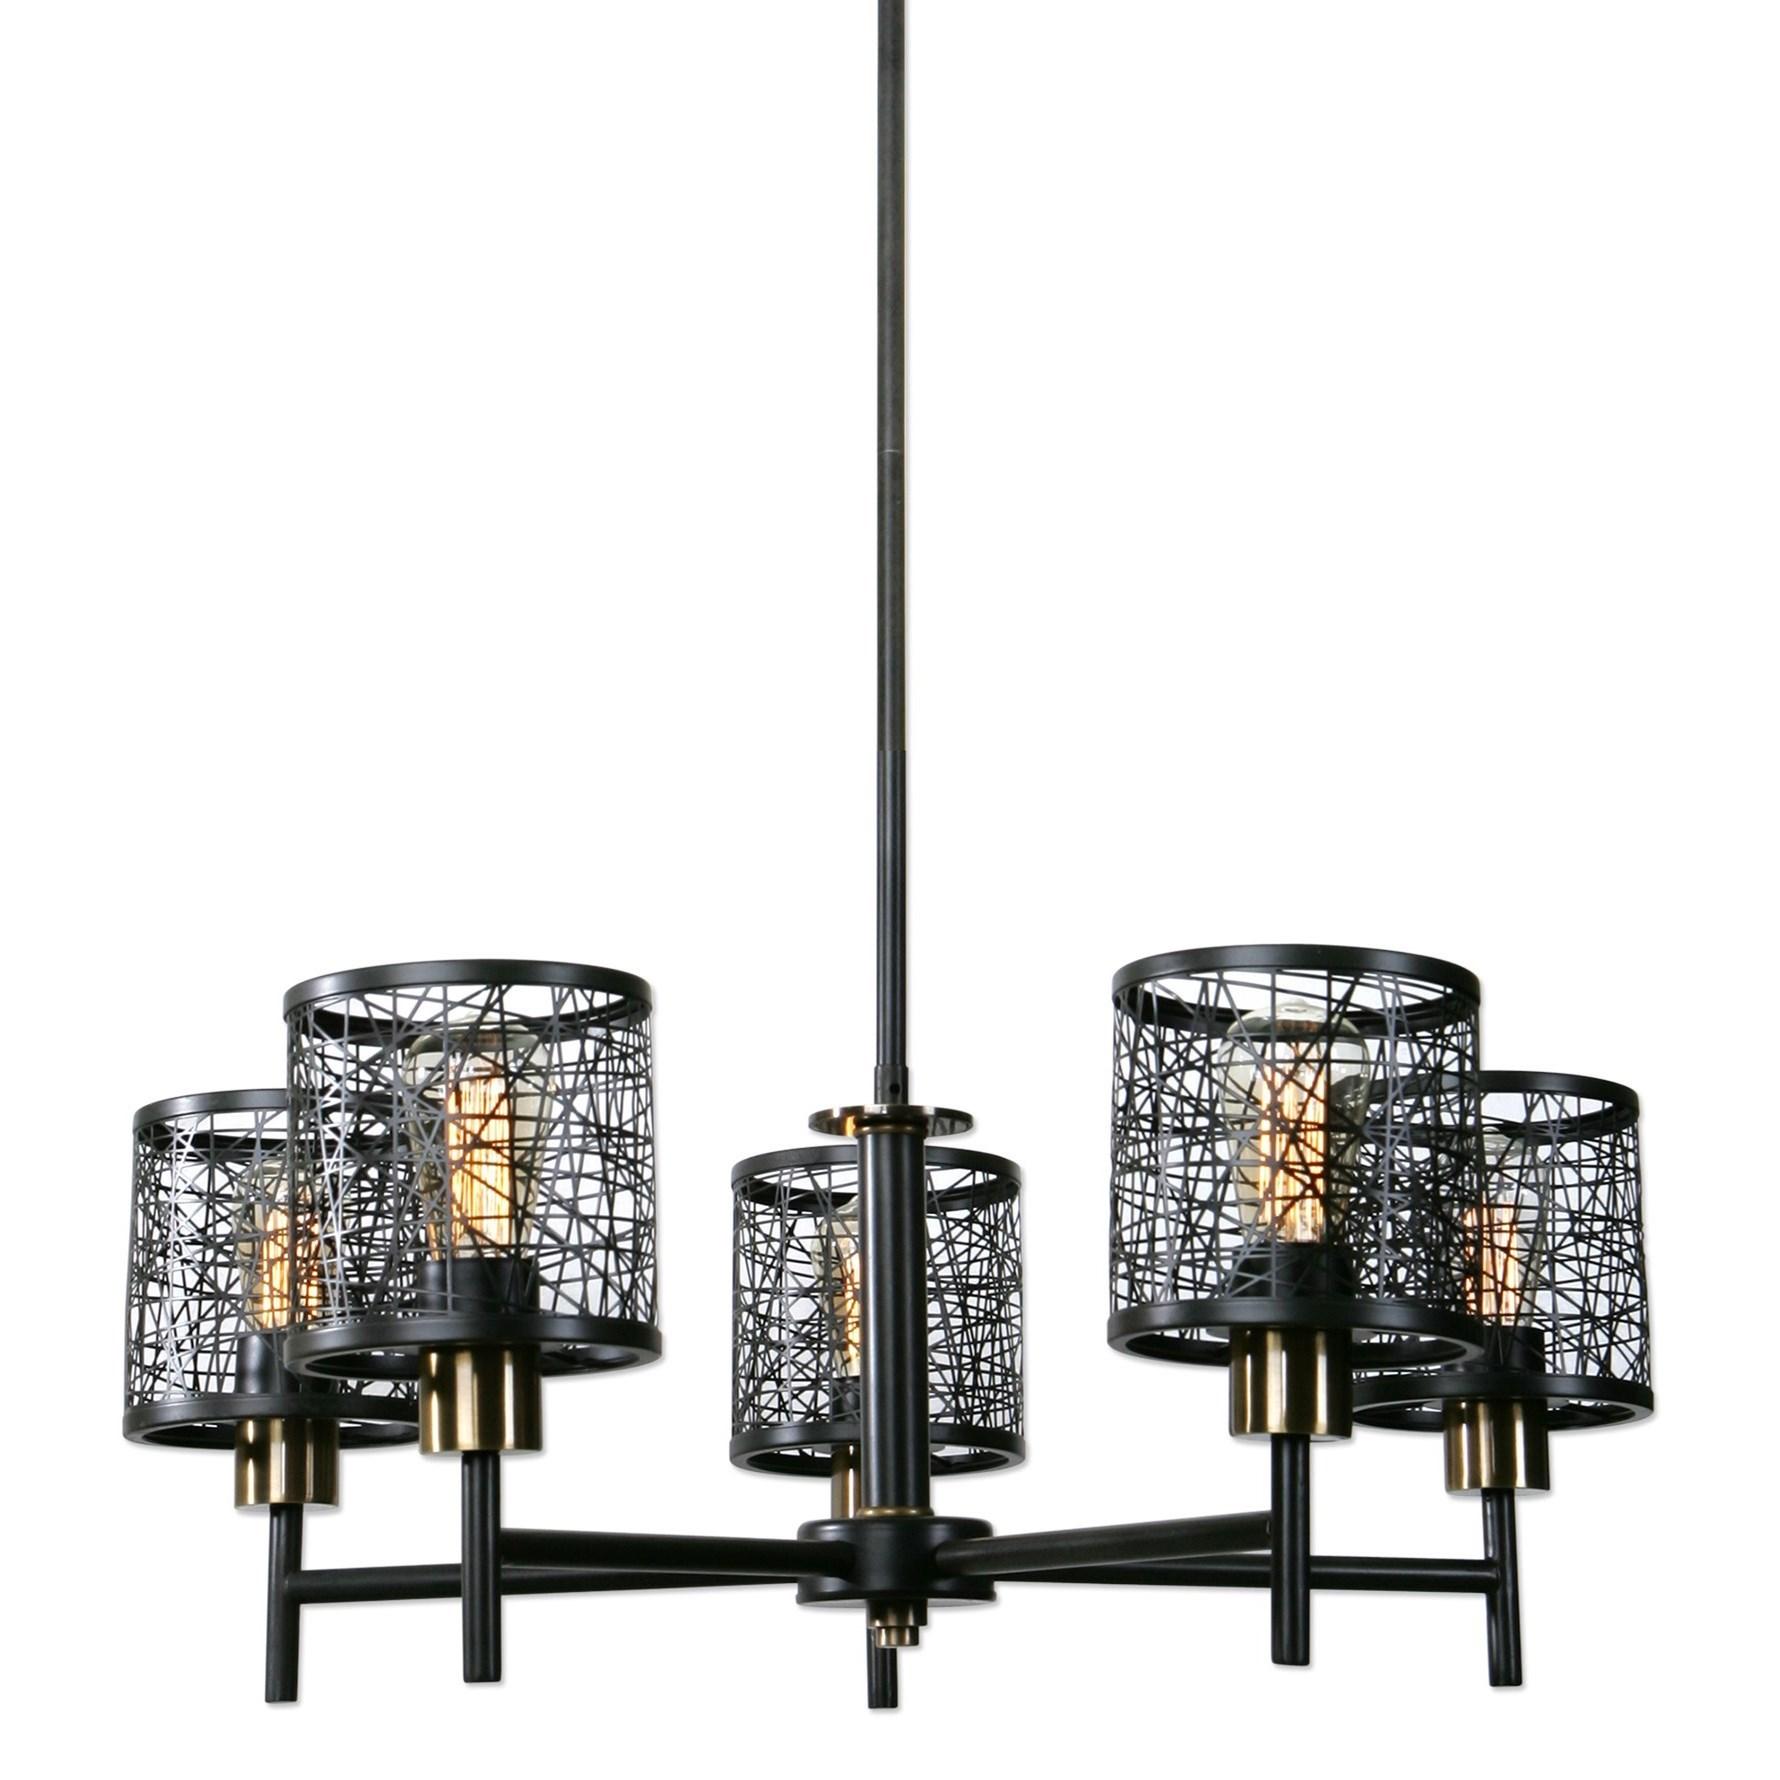 Uttermost Lighting Fixtures ThinAlita 5 Light Bronze Chandelier - Item Number: 21285